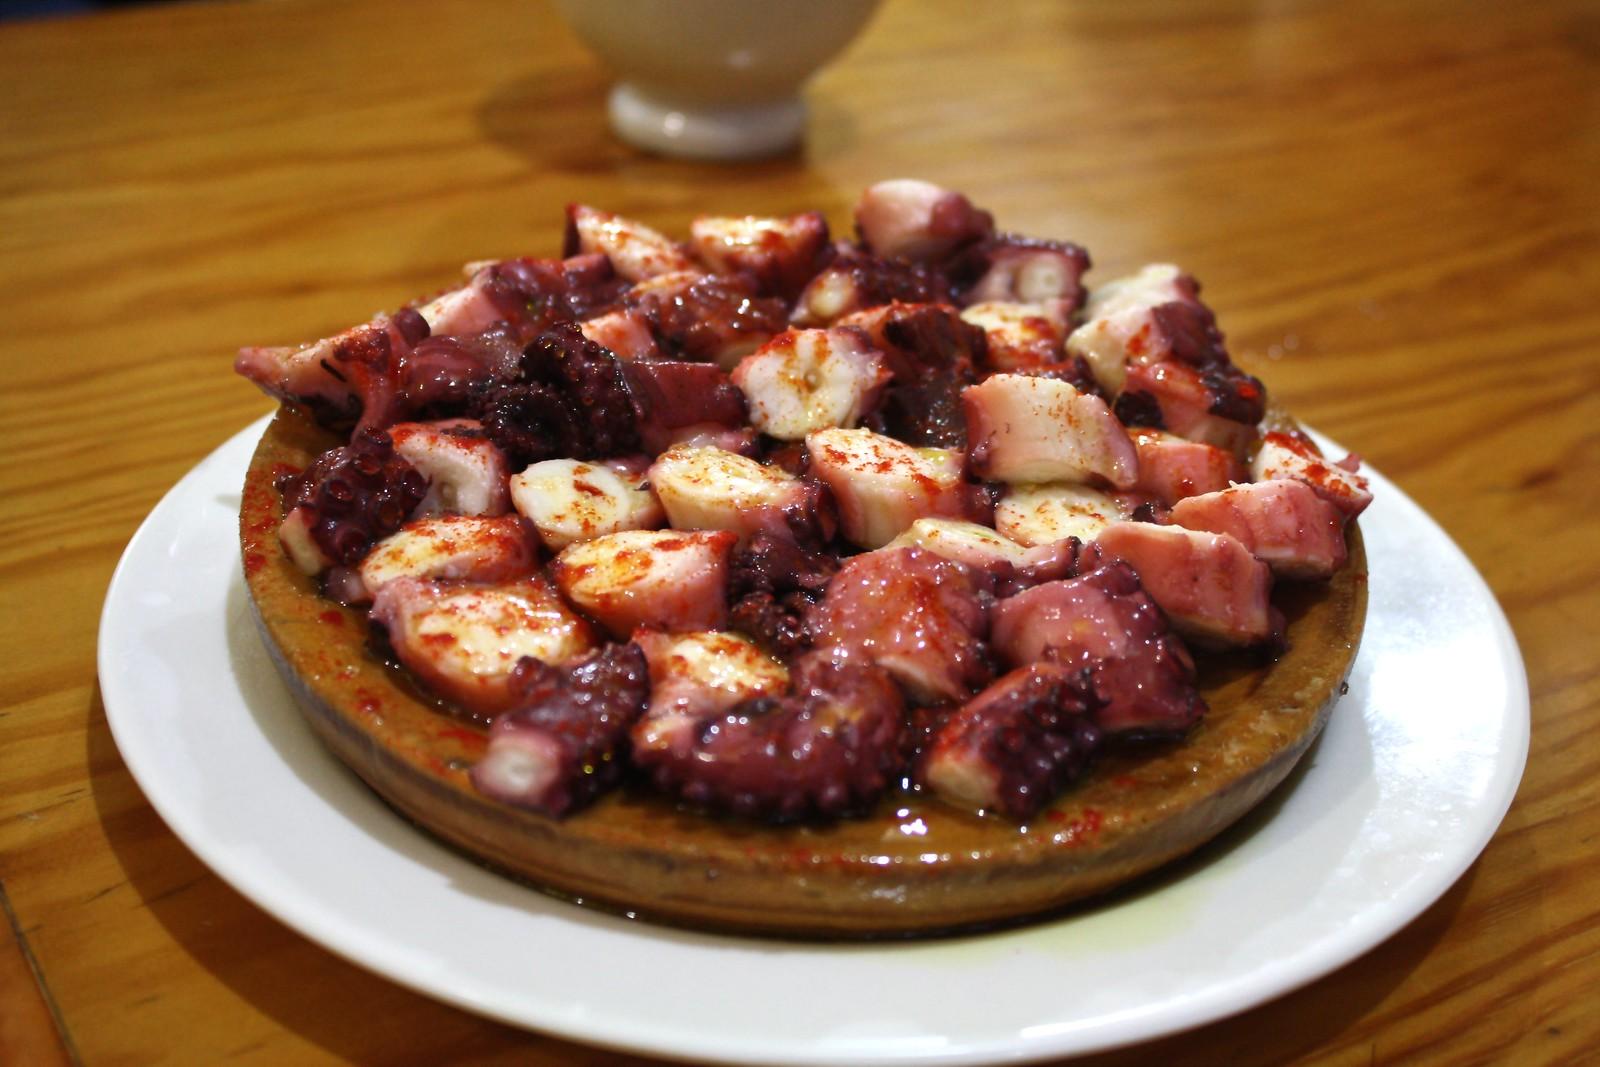 A wooden plate of boiled octopus at Bodegón Os Concheiros, Santiago de Compostela, Spain